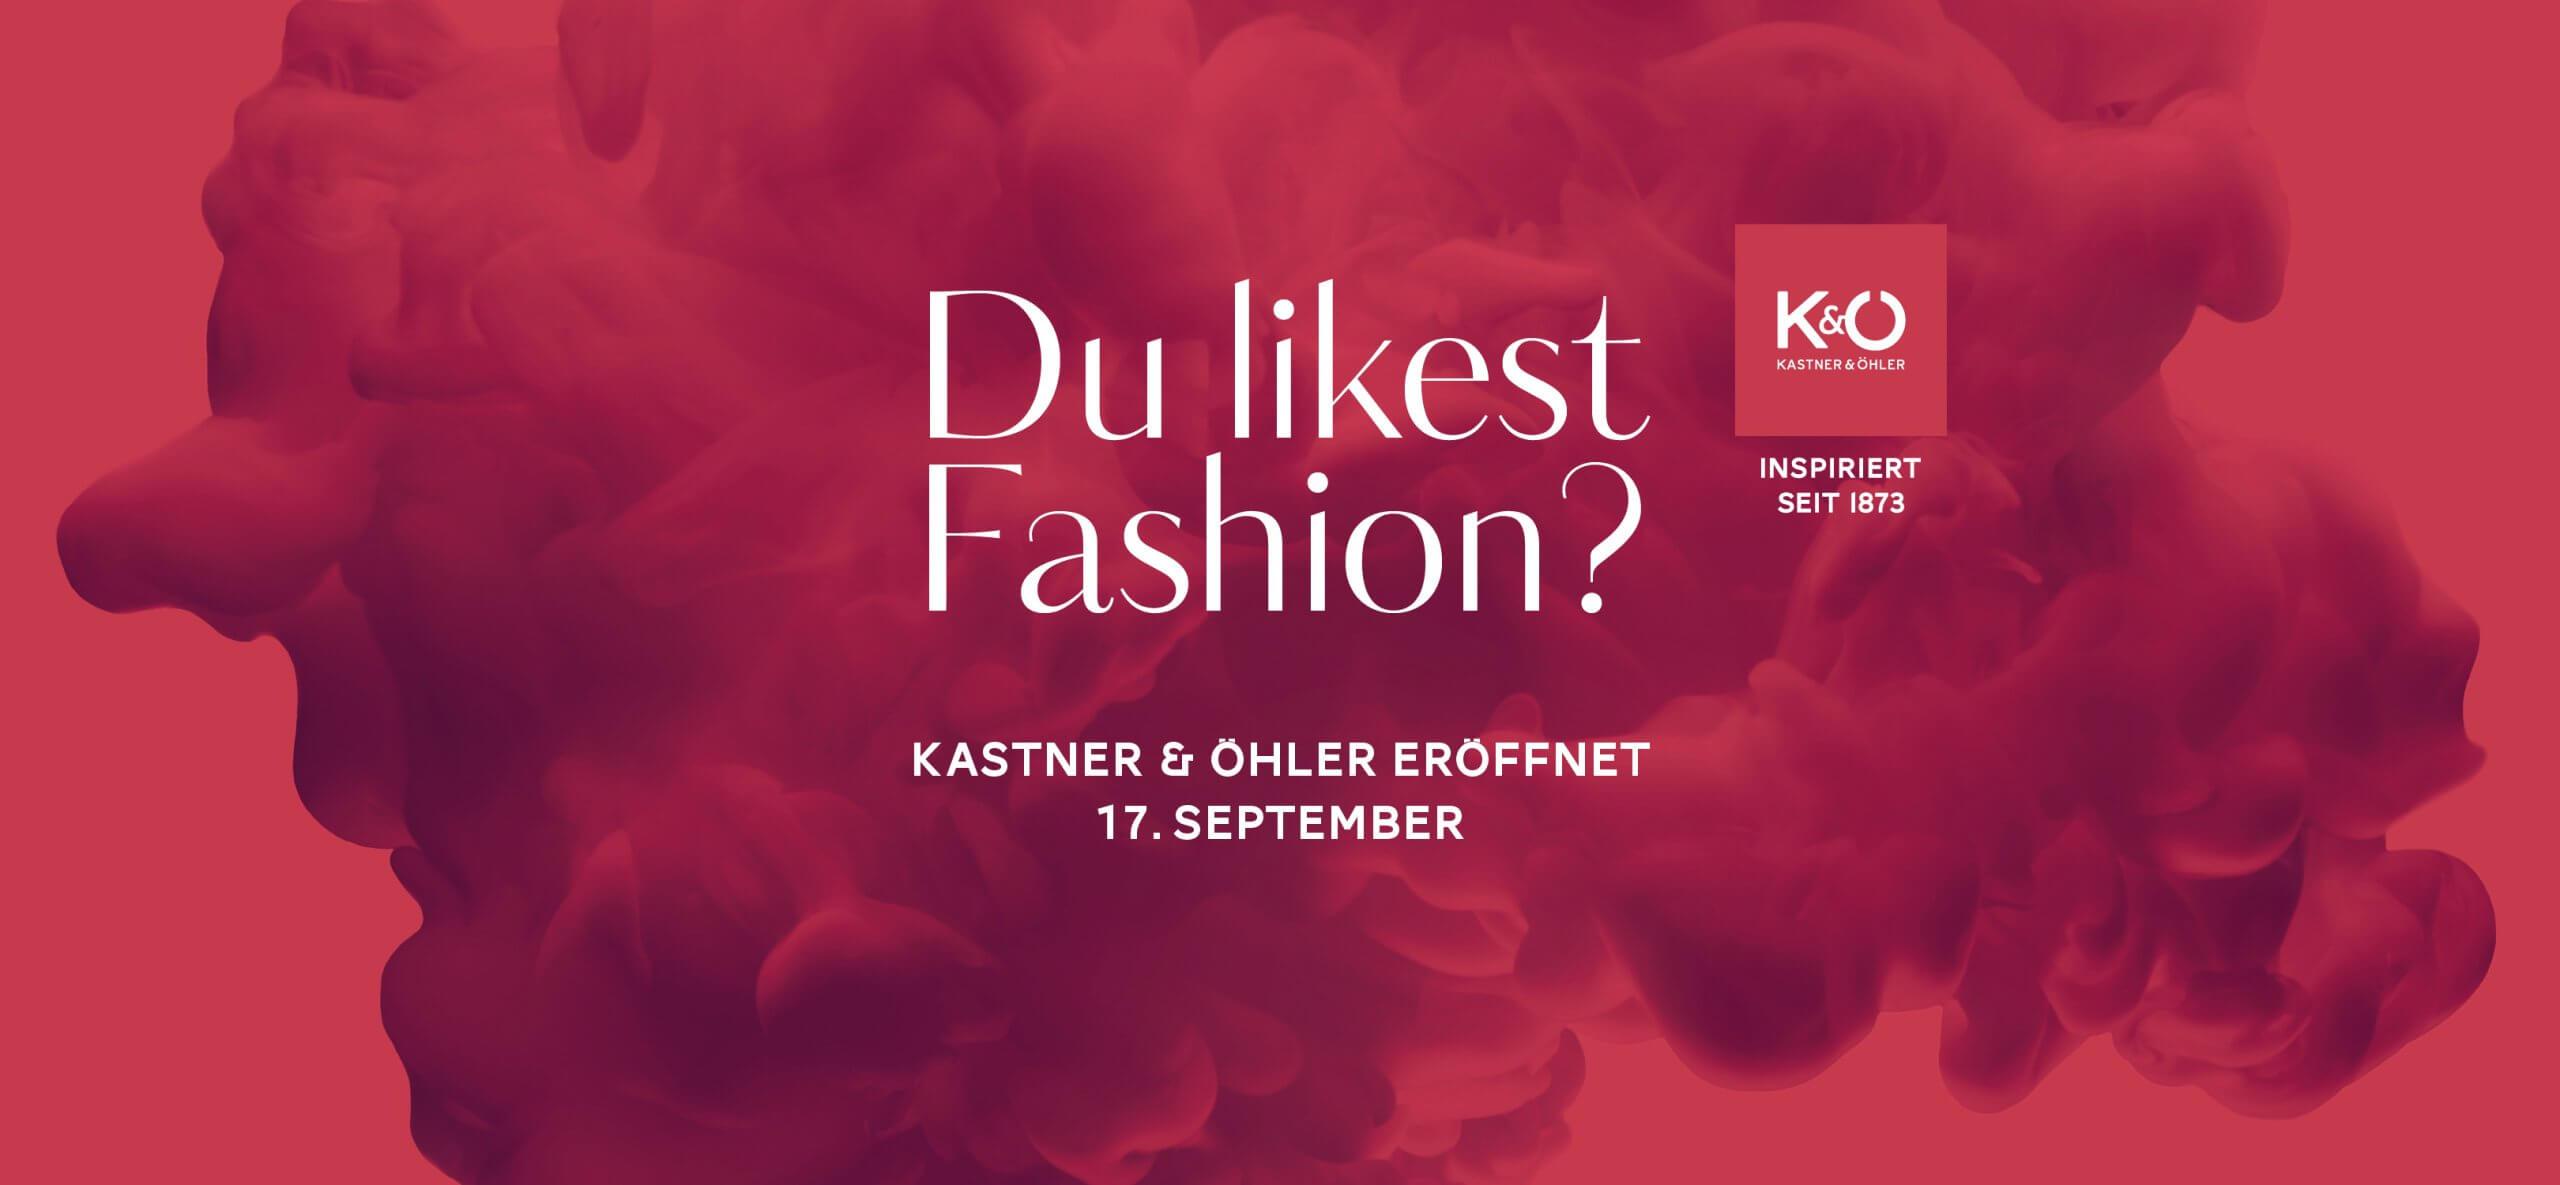 Eröffnung Kastner & Öhler im September